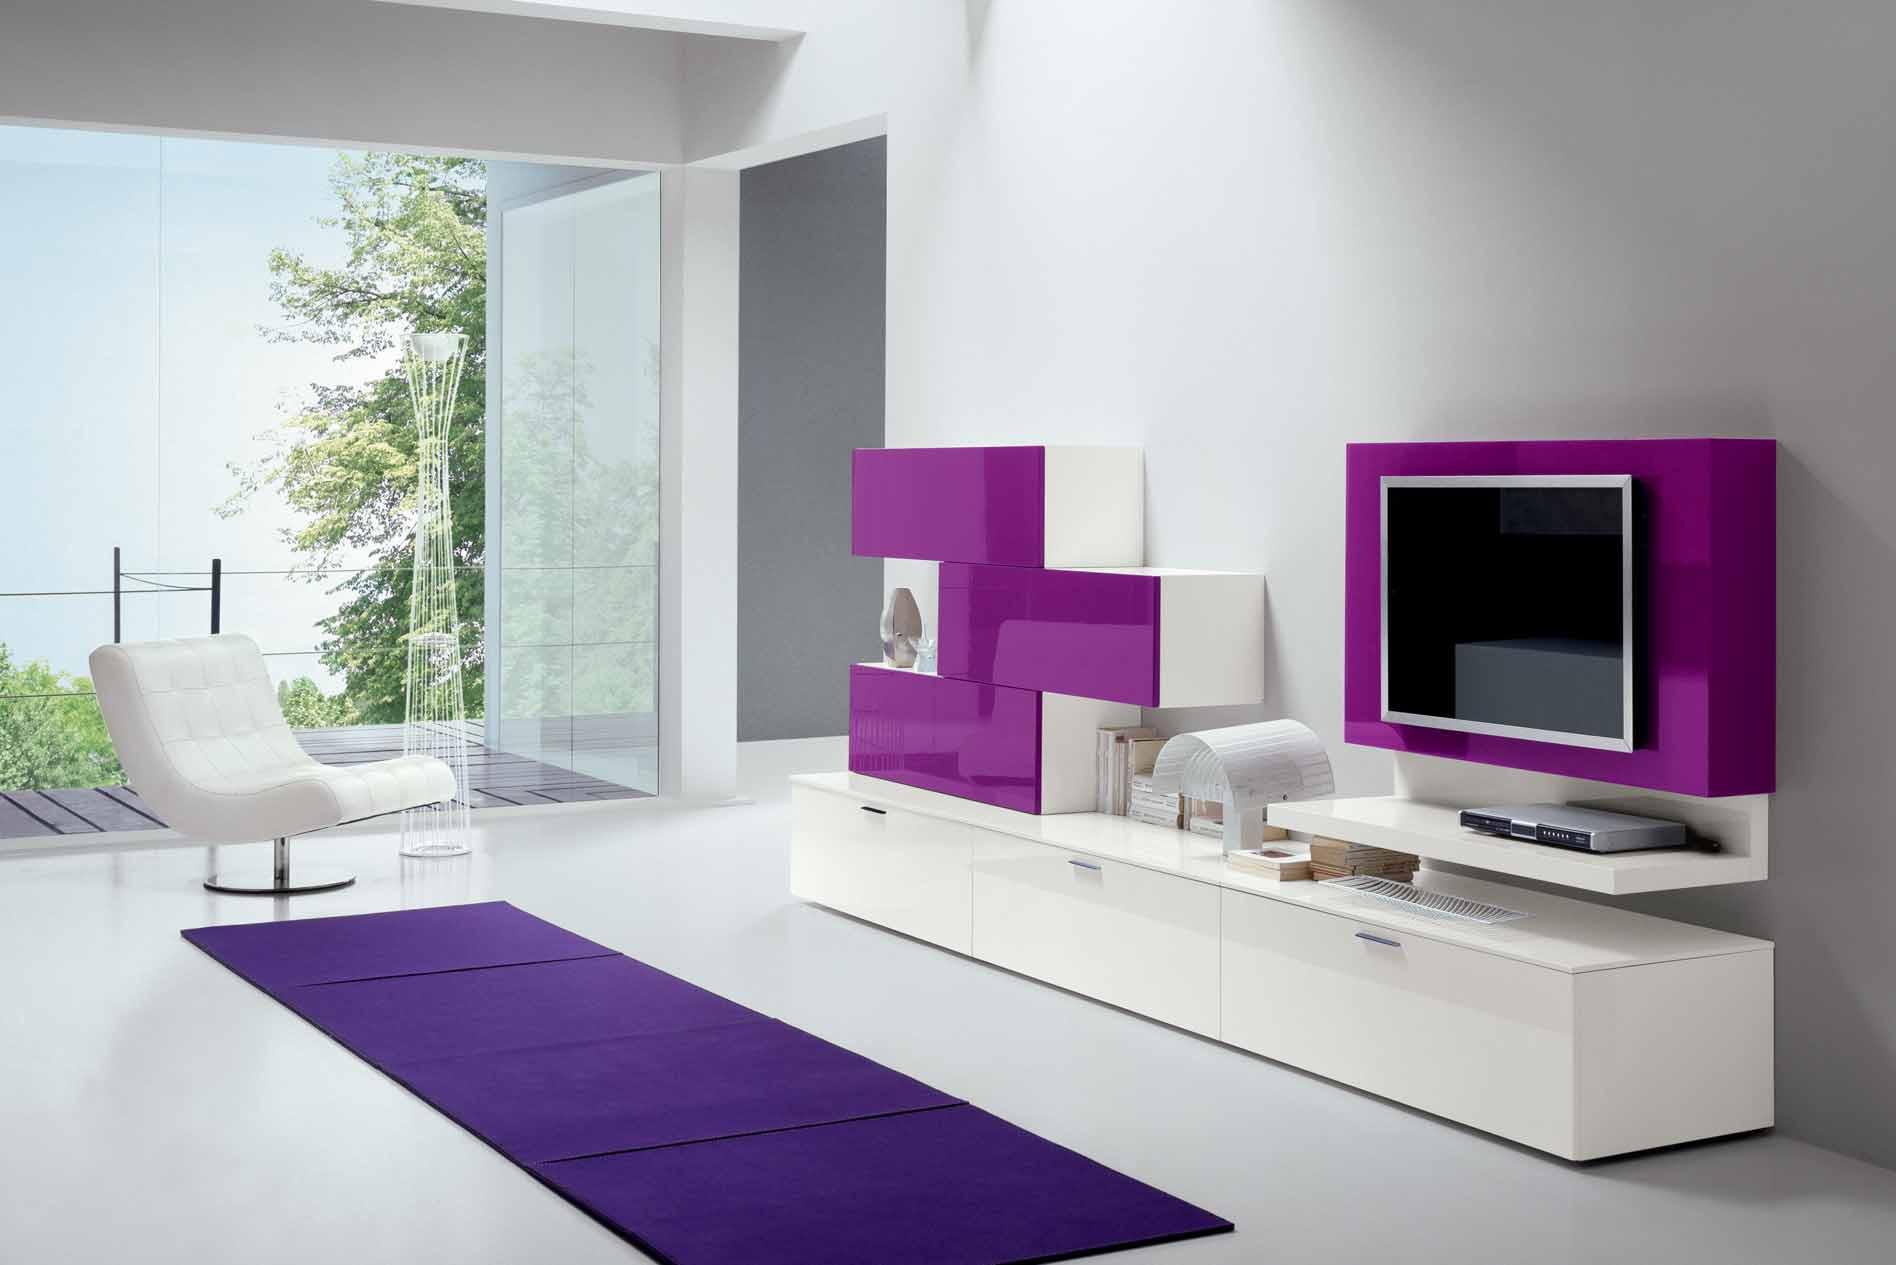 arredamenti mobili camera da letto soggiorno cucina divani